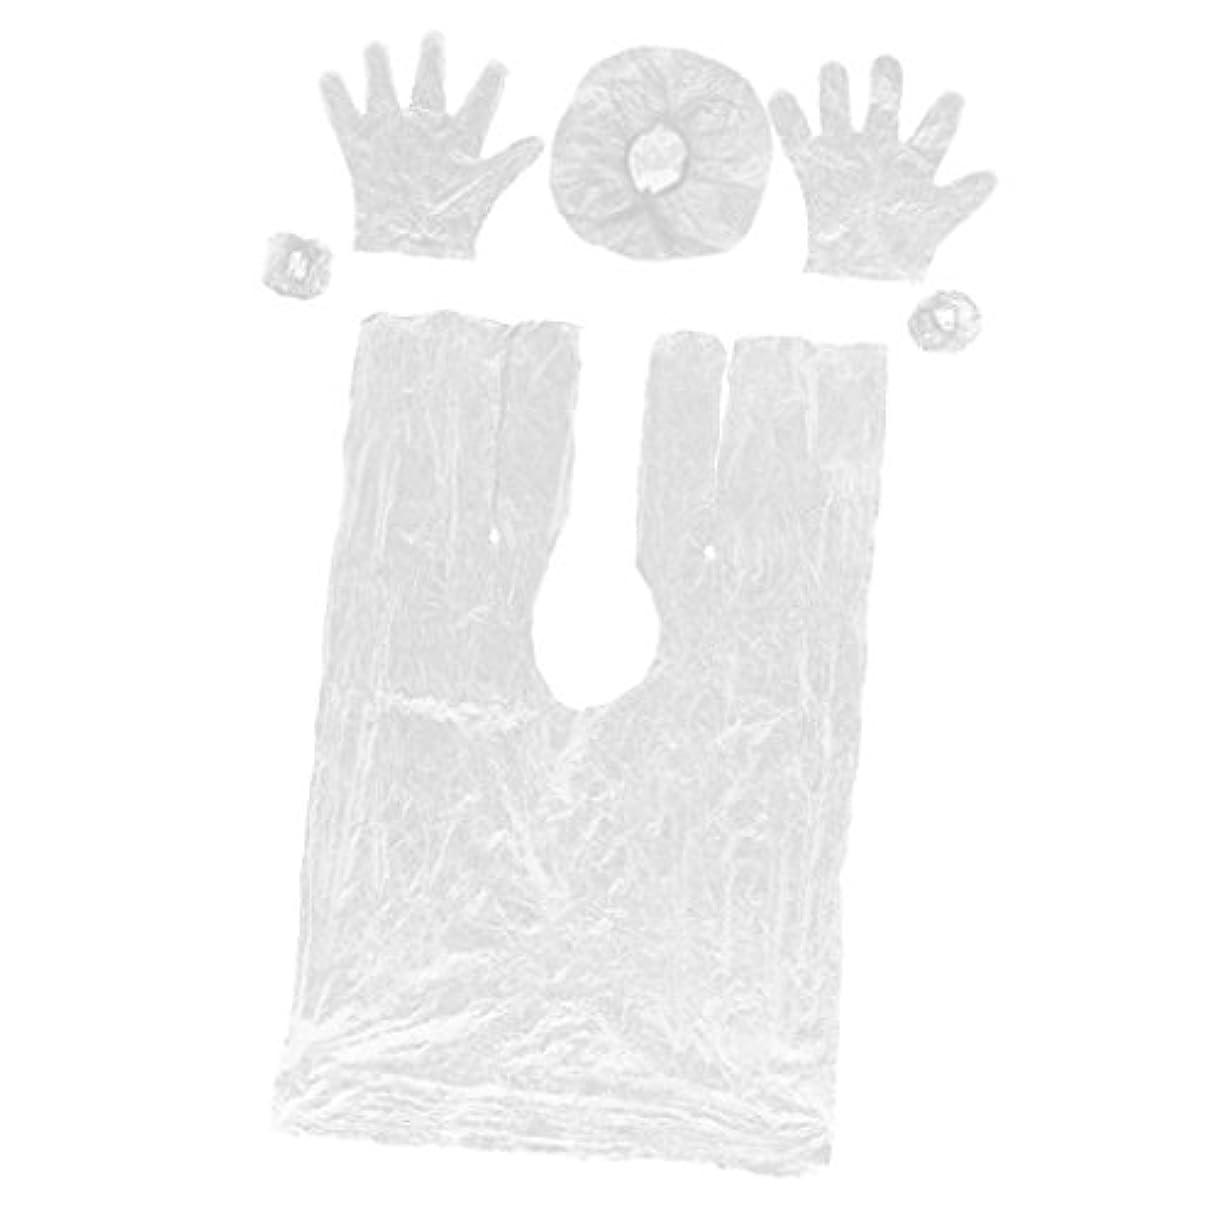 修理工無アンデス山脈Toygogo ツール弾性キャップ、理髪ガウンケープショール、手袋、イヤーキャップイヤーマフセットを使用した使い捨てスパヘアサロンカラー染料キットの着色